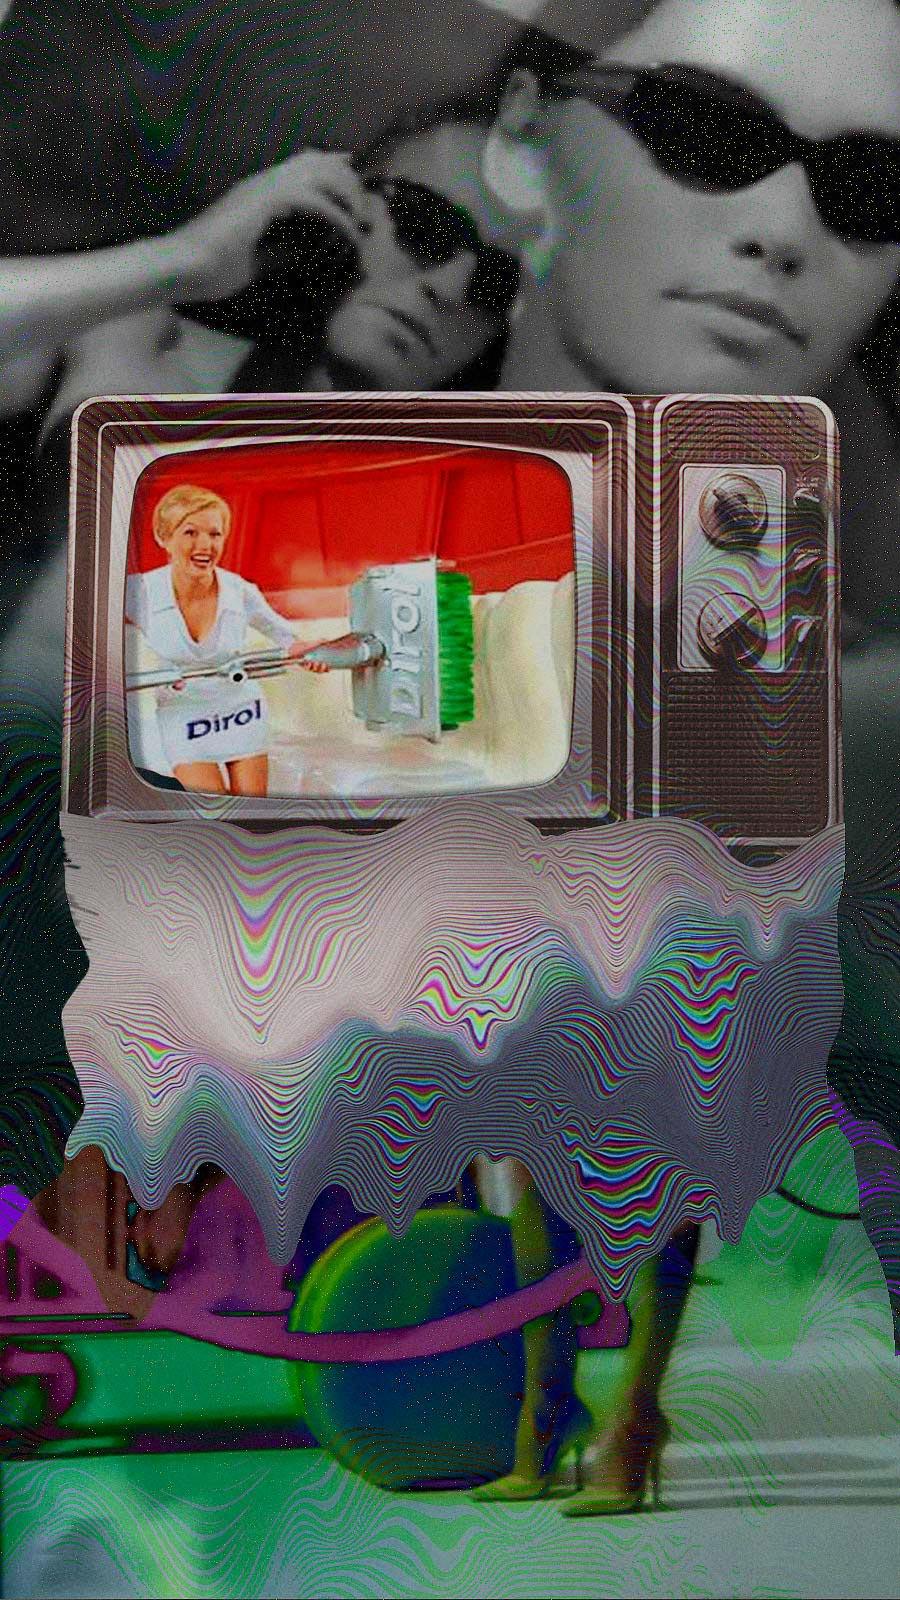 Реклама й ностальгія. Чому нам подобаються старі ролики з ТБ, які колись дратували